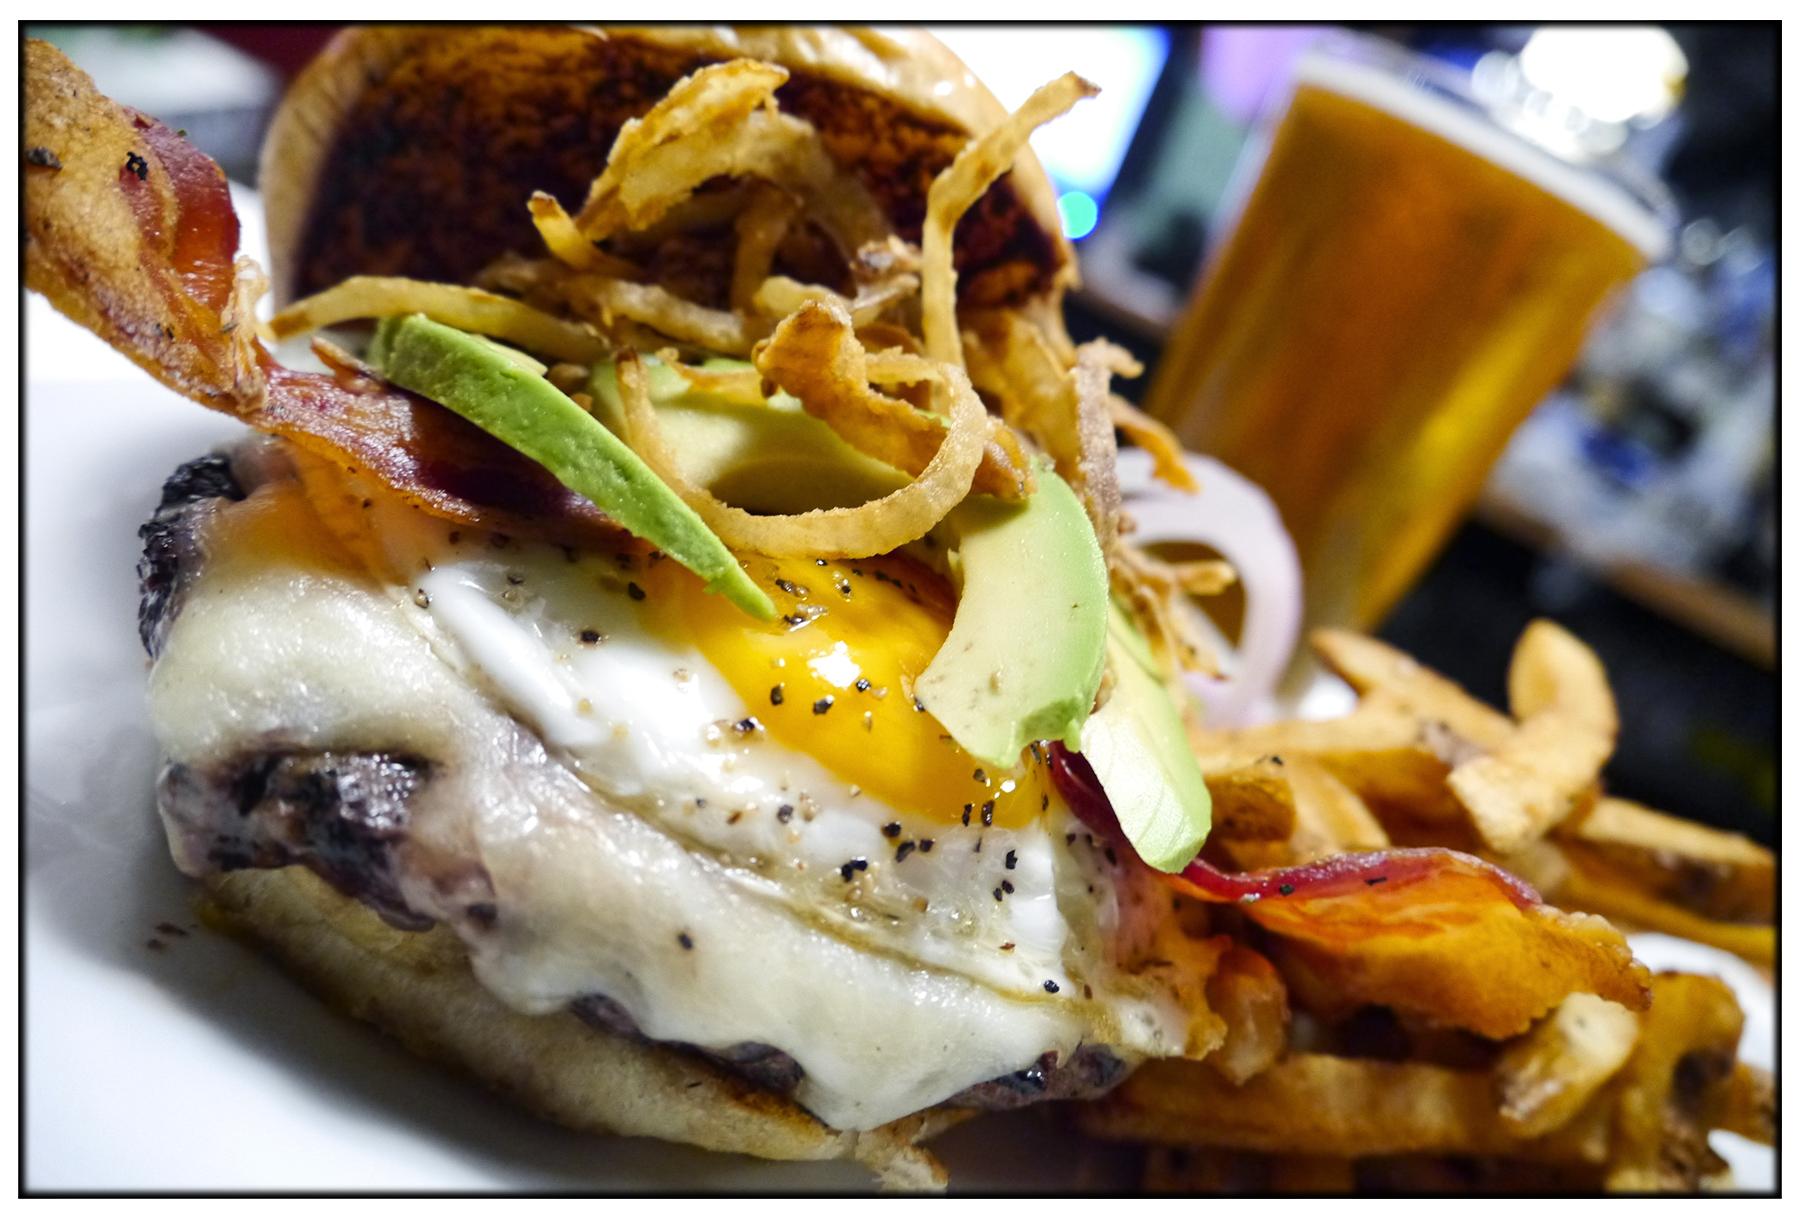 Dudleys_Burger_w_Fried_Egg_Fries_V1.jpg